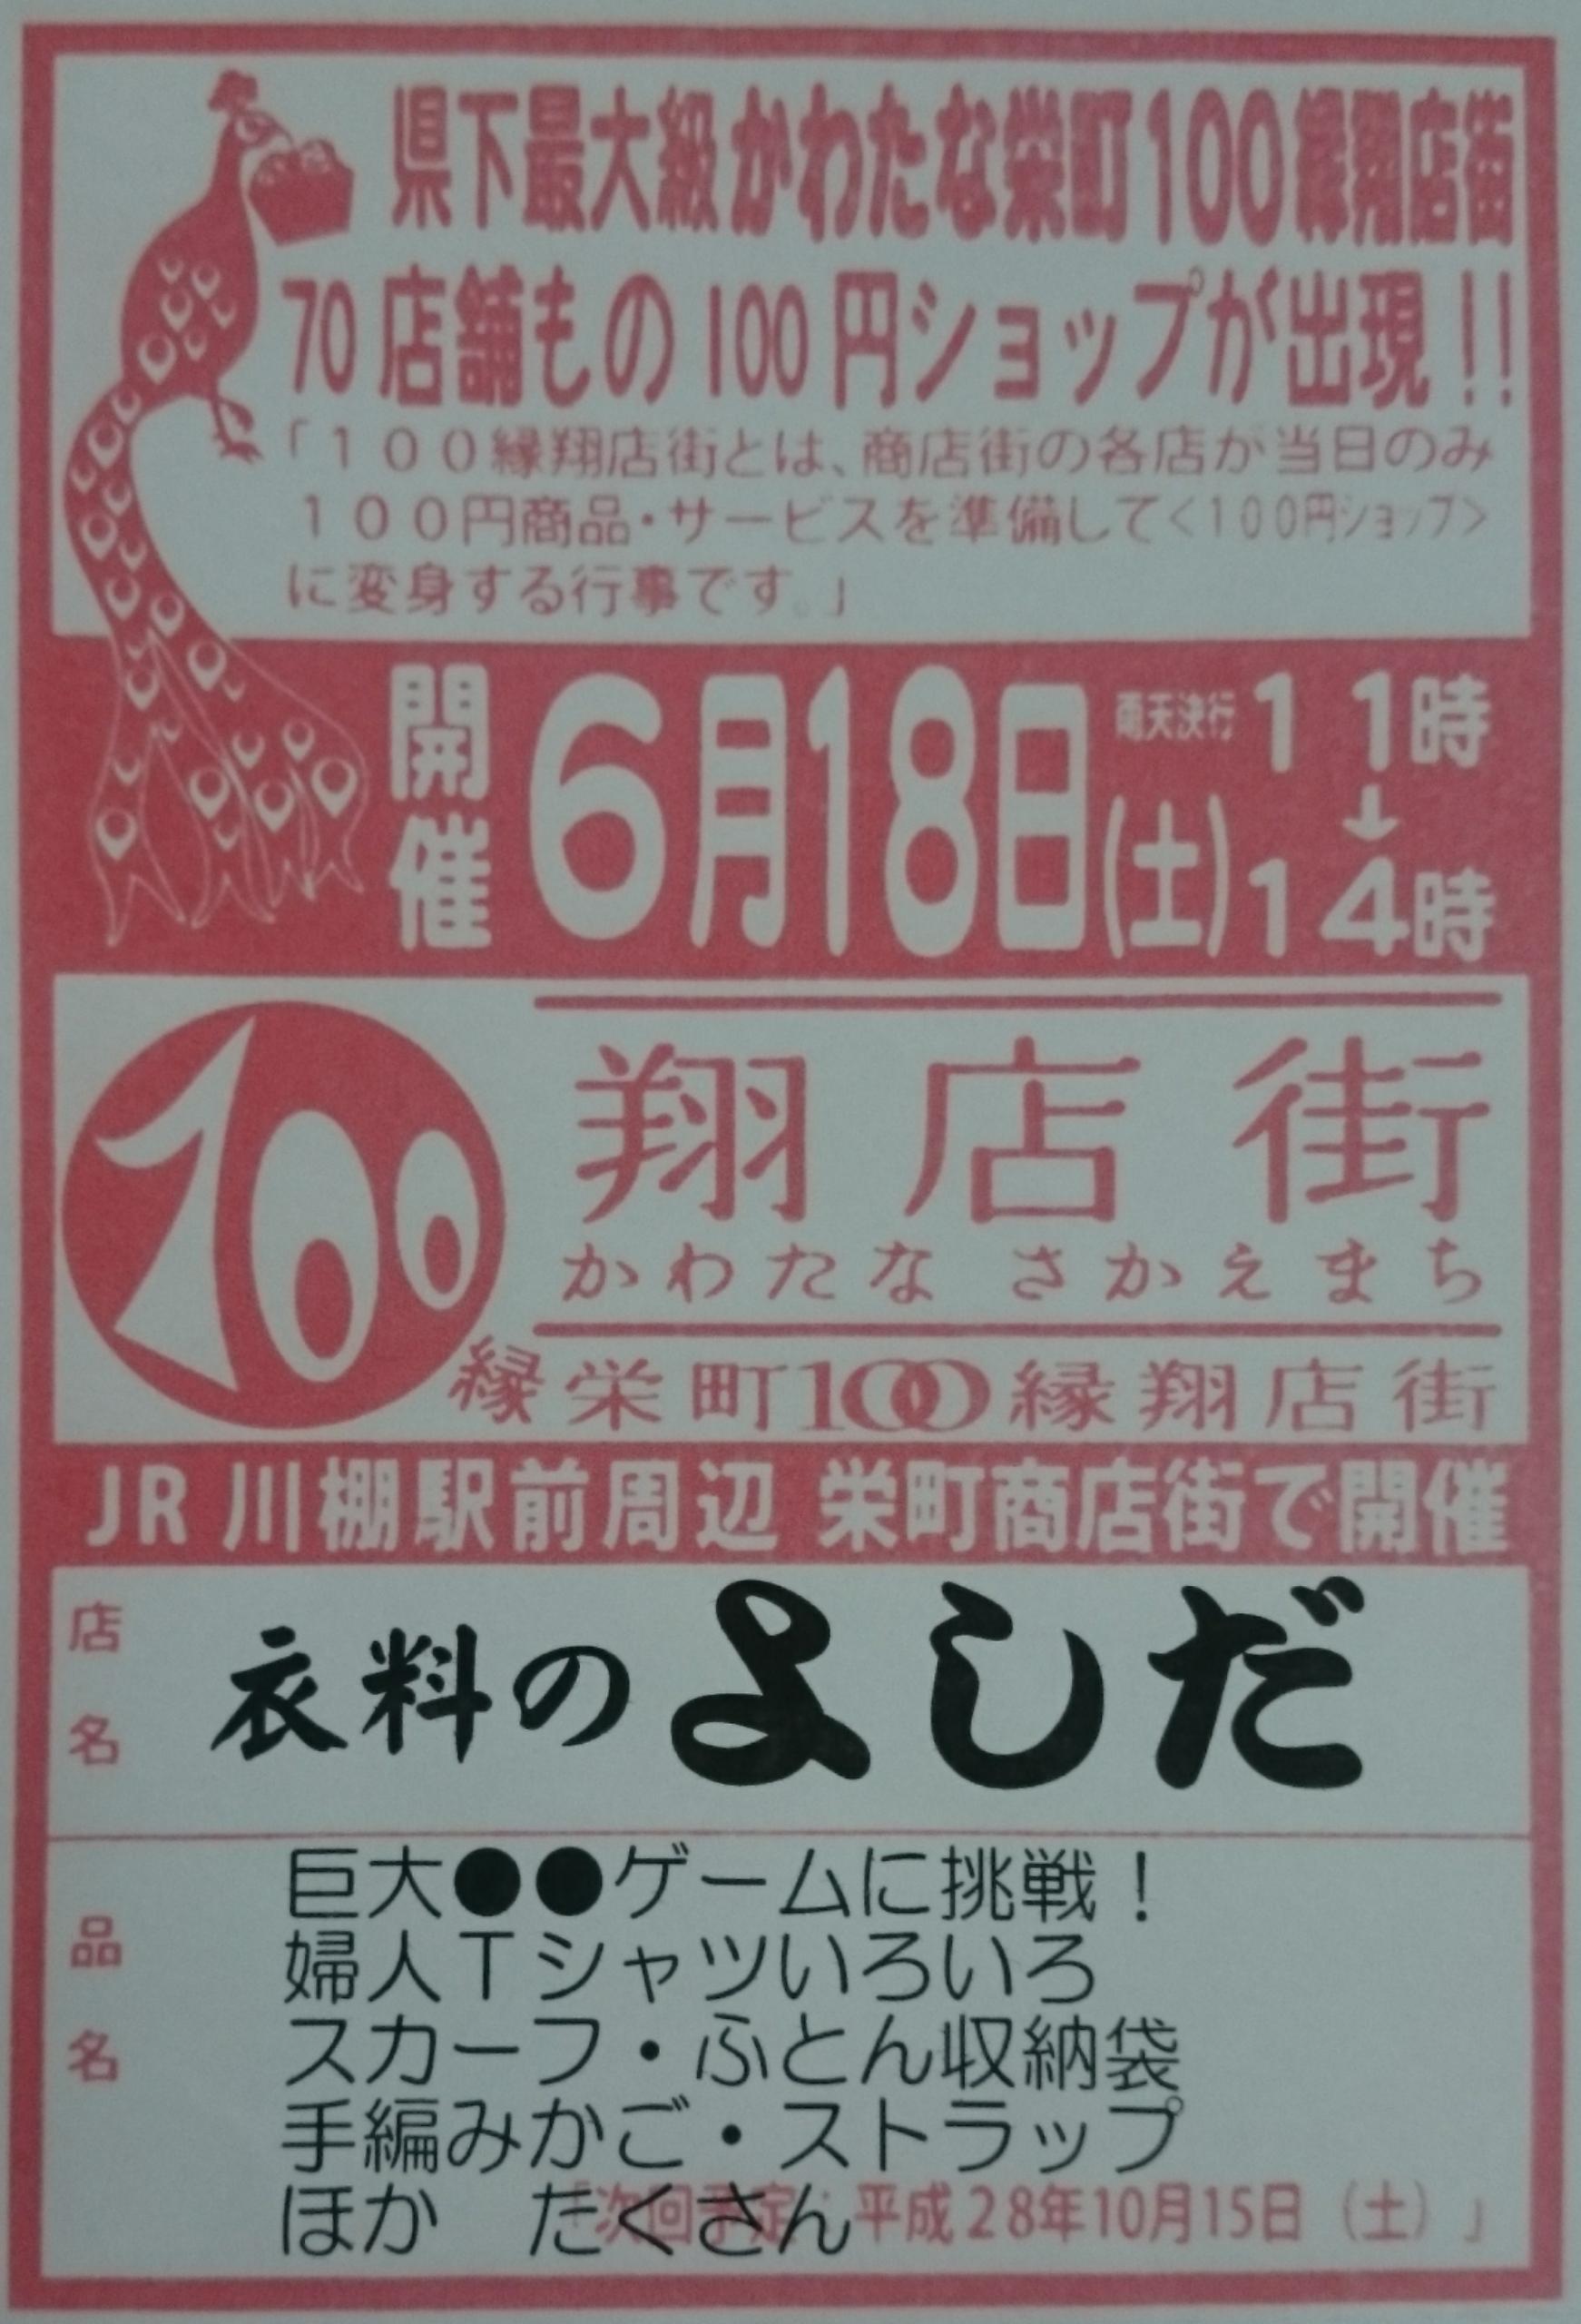 今日は「川棚100縁翔店街」です(*^^*)